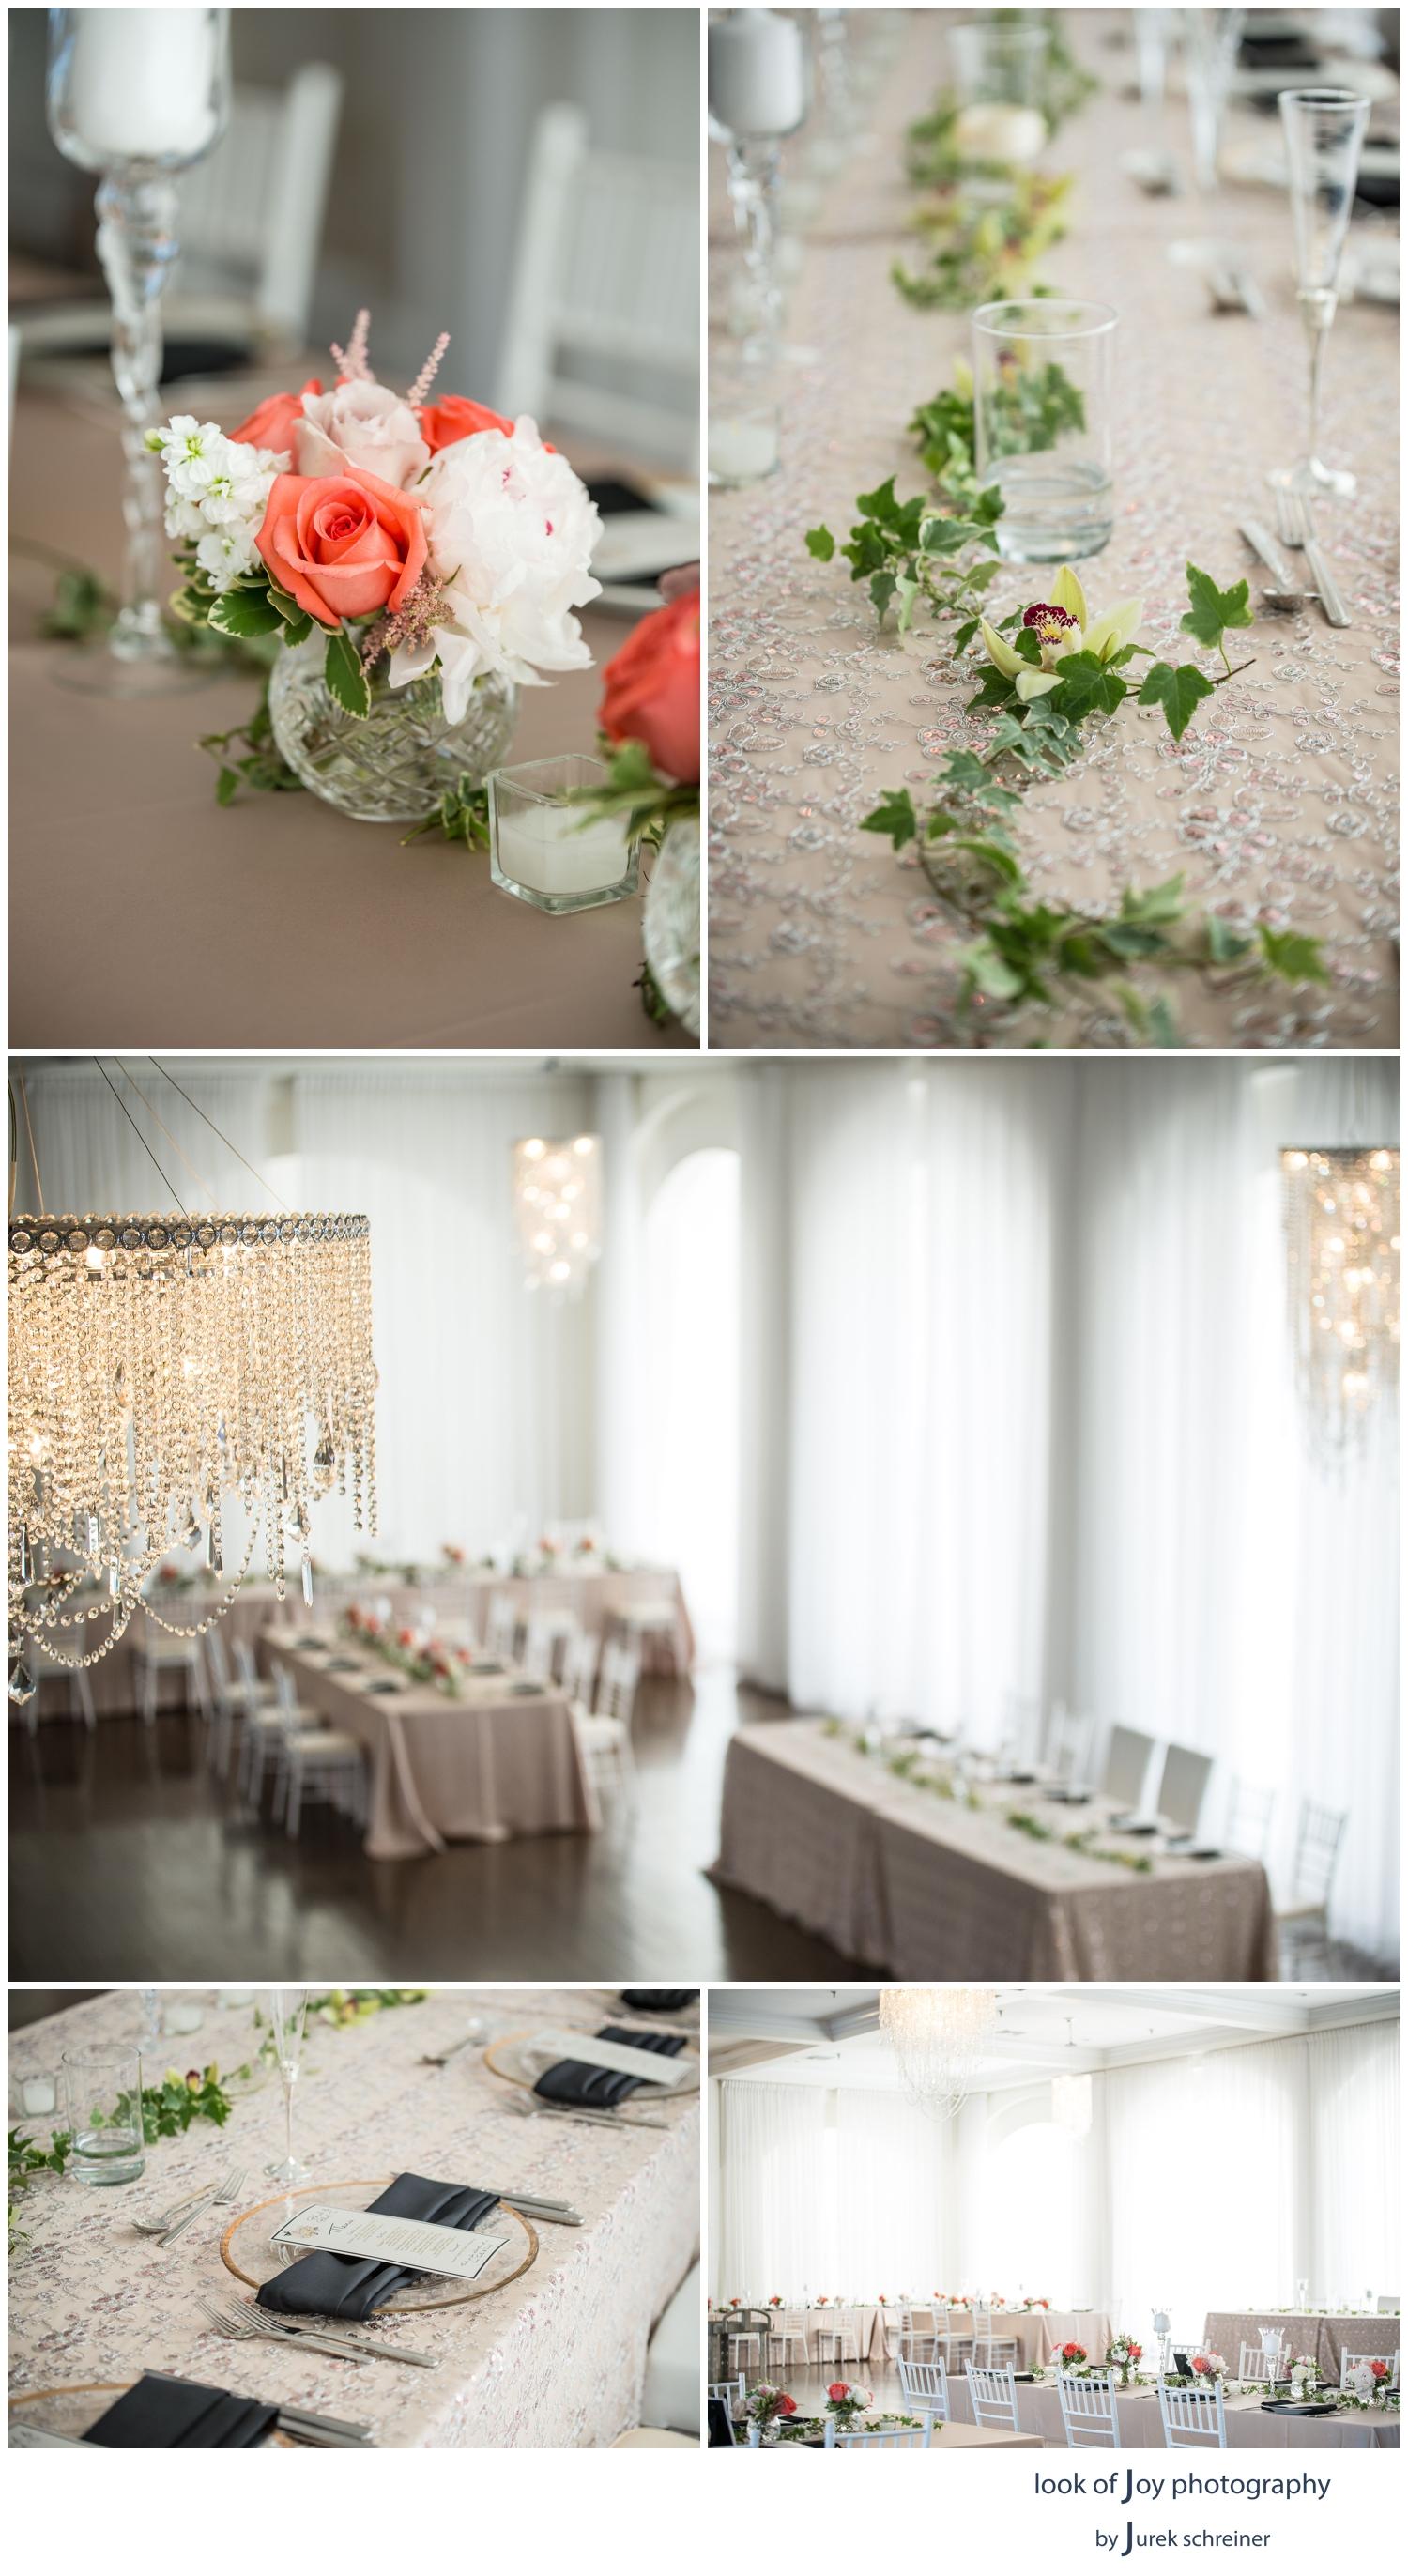 Newport_BelleMer_Wedding03.jpg